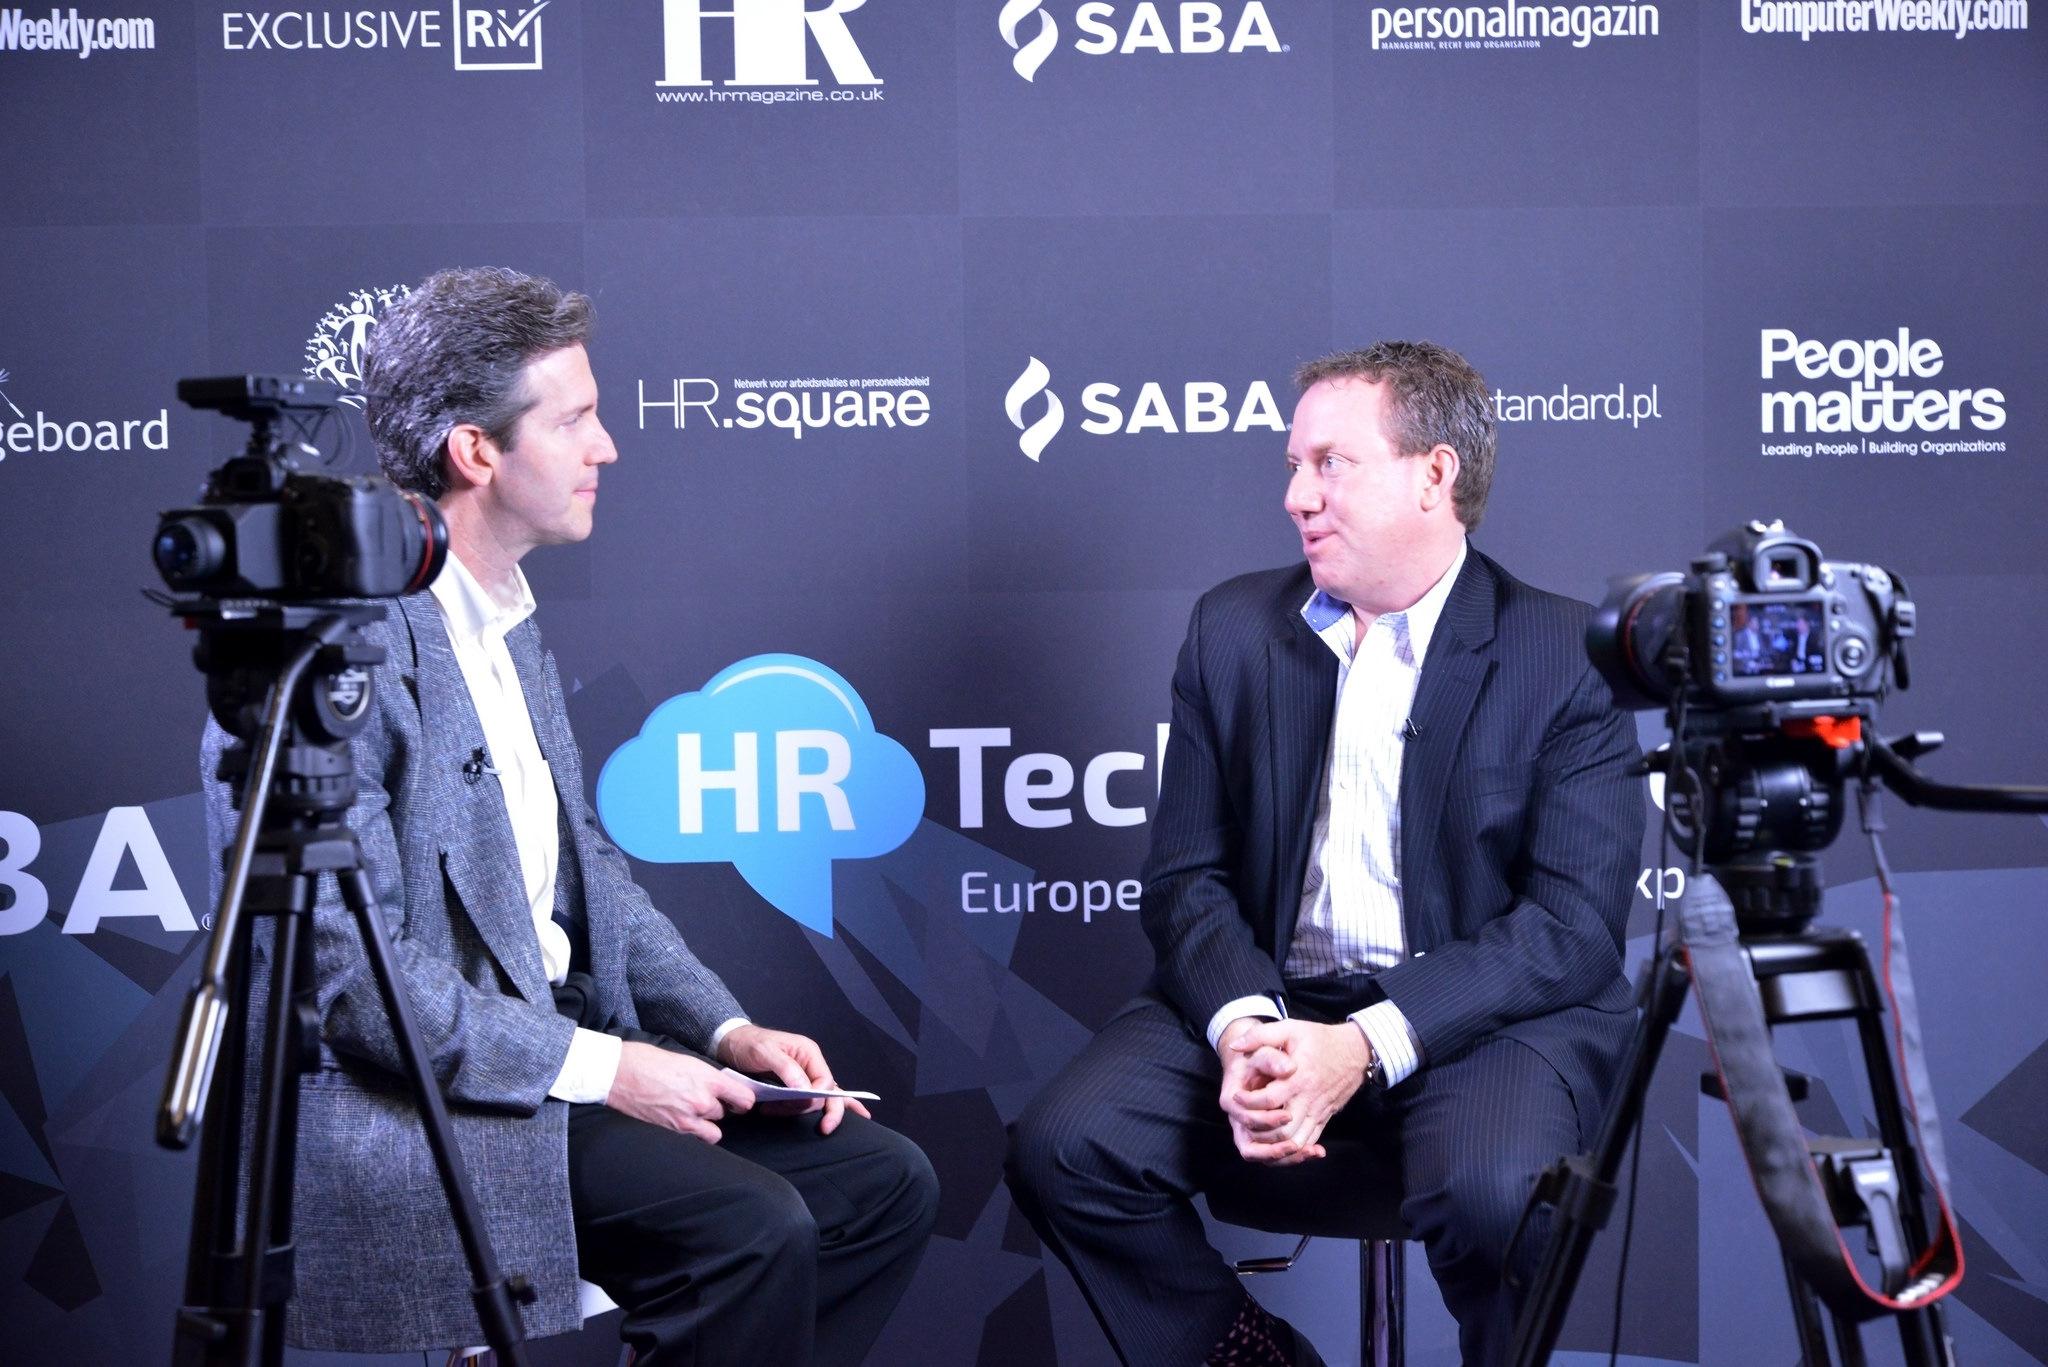 Ward Christman & Jason Averbook interview at HR Tech Europe #HRTech